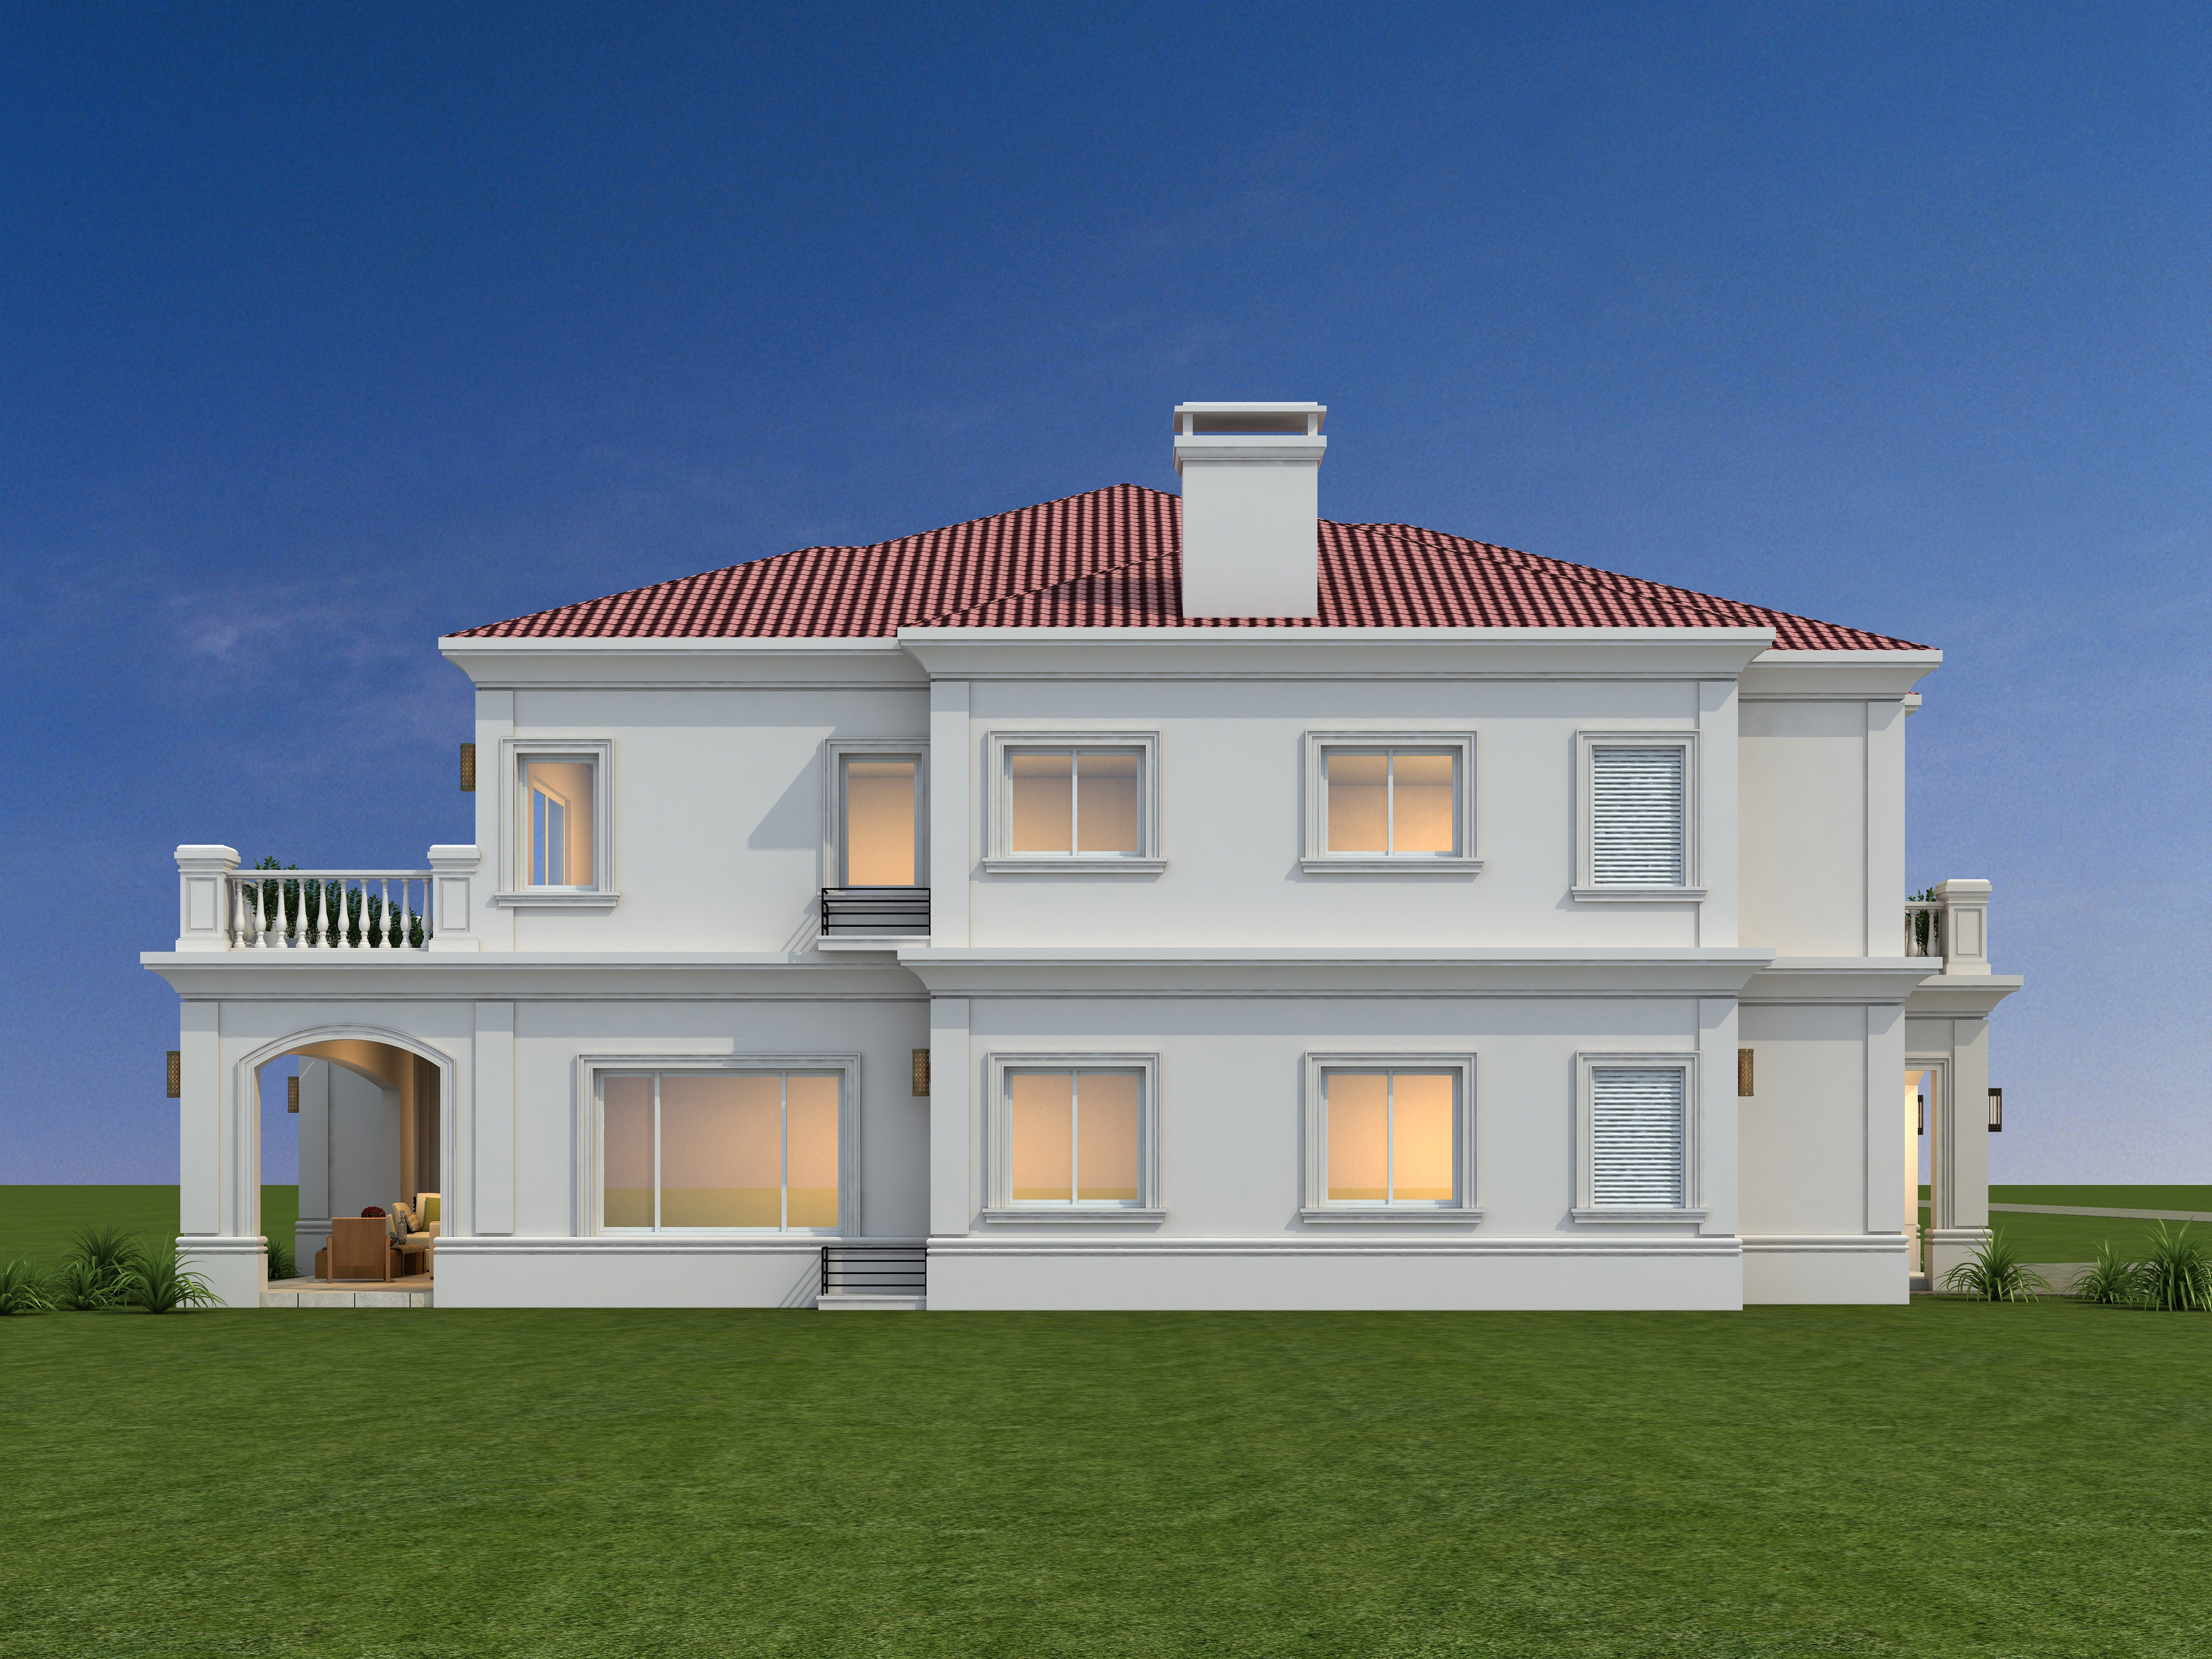 高端建筑设计别墅设计自建设计民房设计民宿设计全套施工图